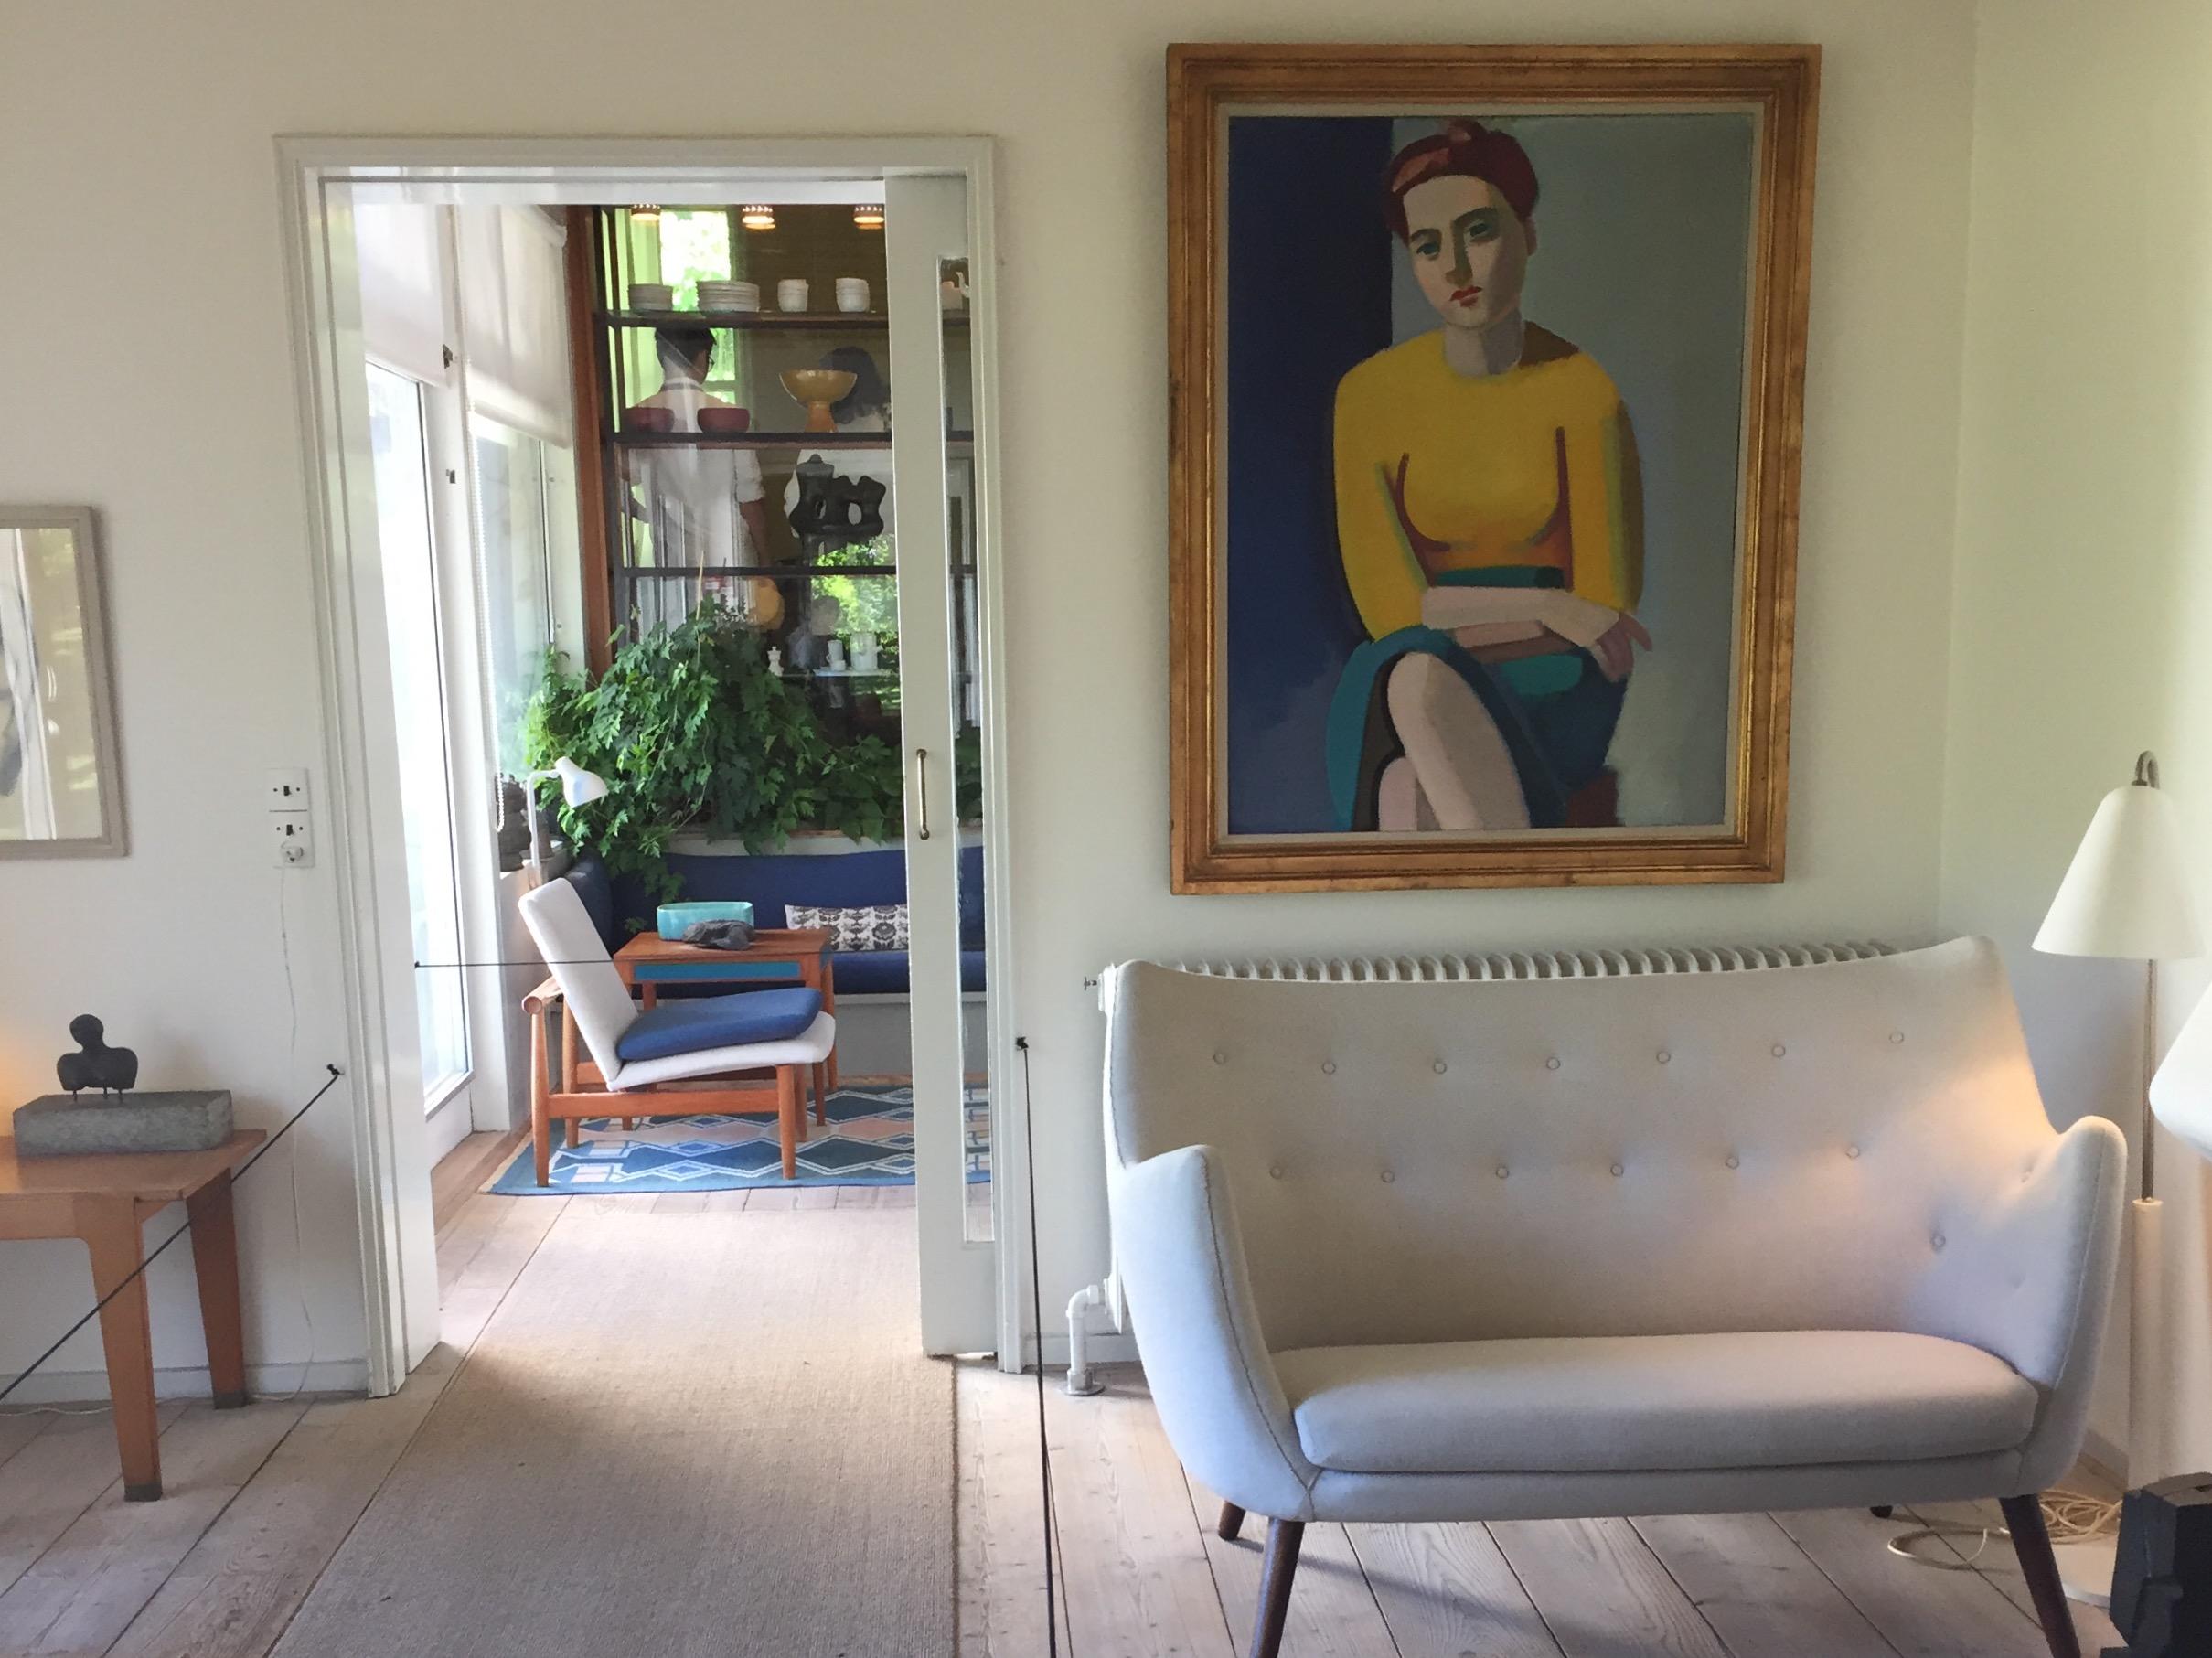 デンマーク椅子に魅せられて